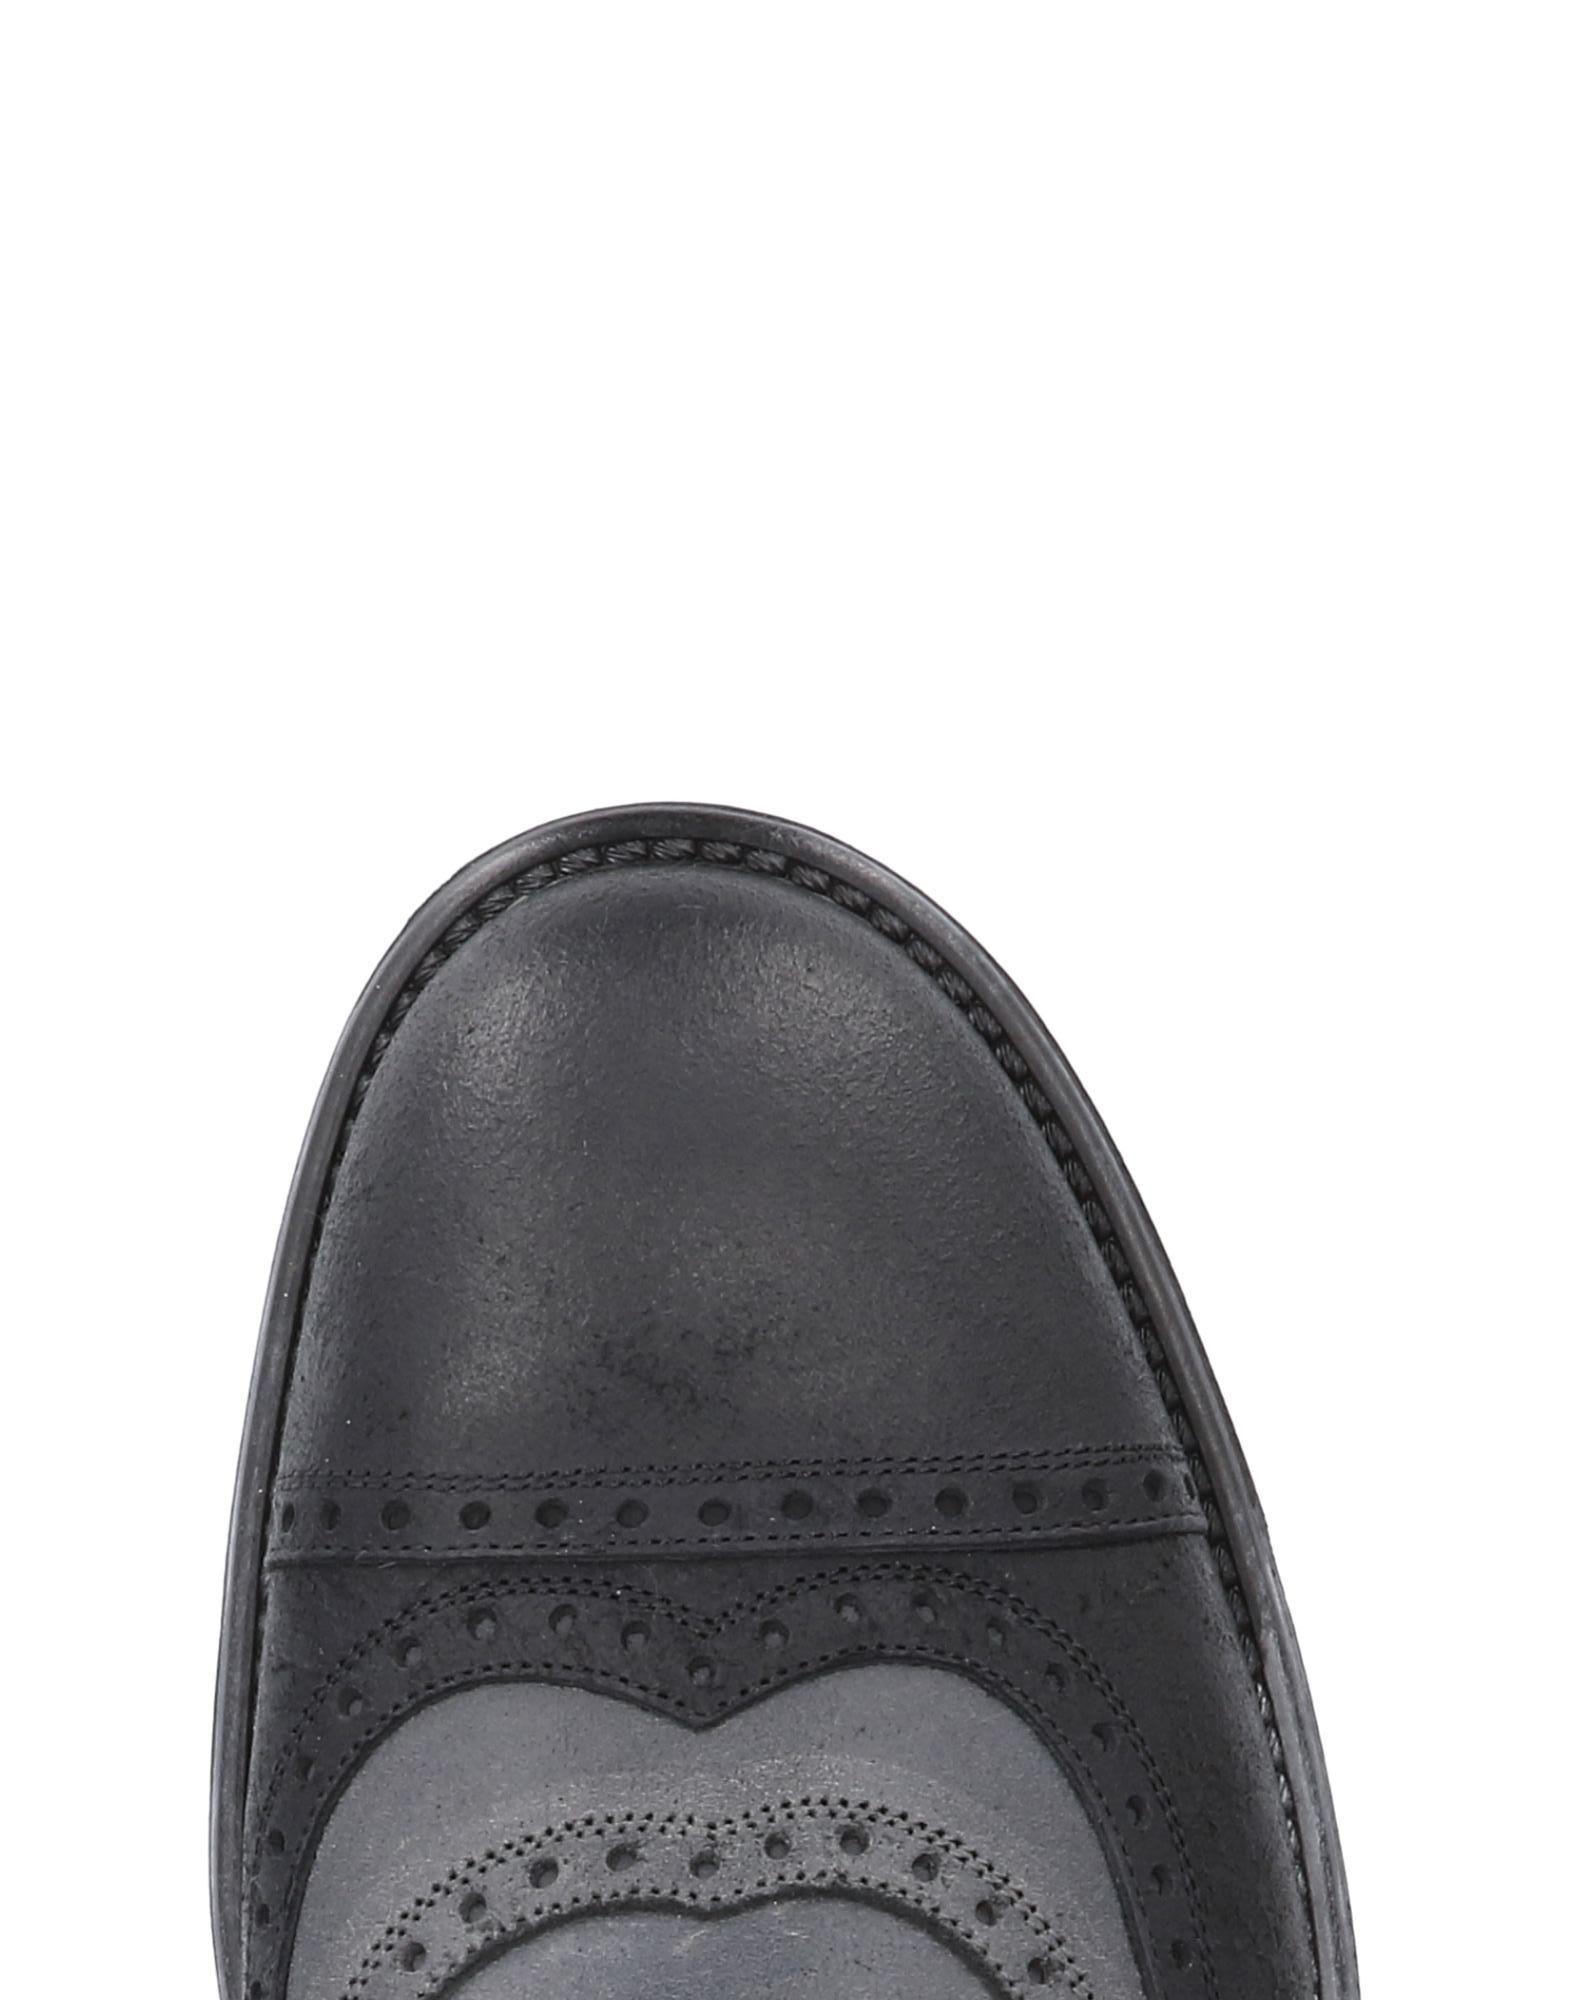 Dolce & Gabbana  Mokassins Herren  Gabbana 11483598BA 1c4e6f